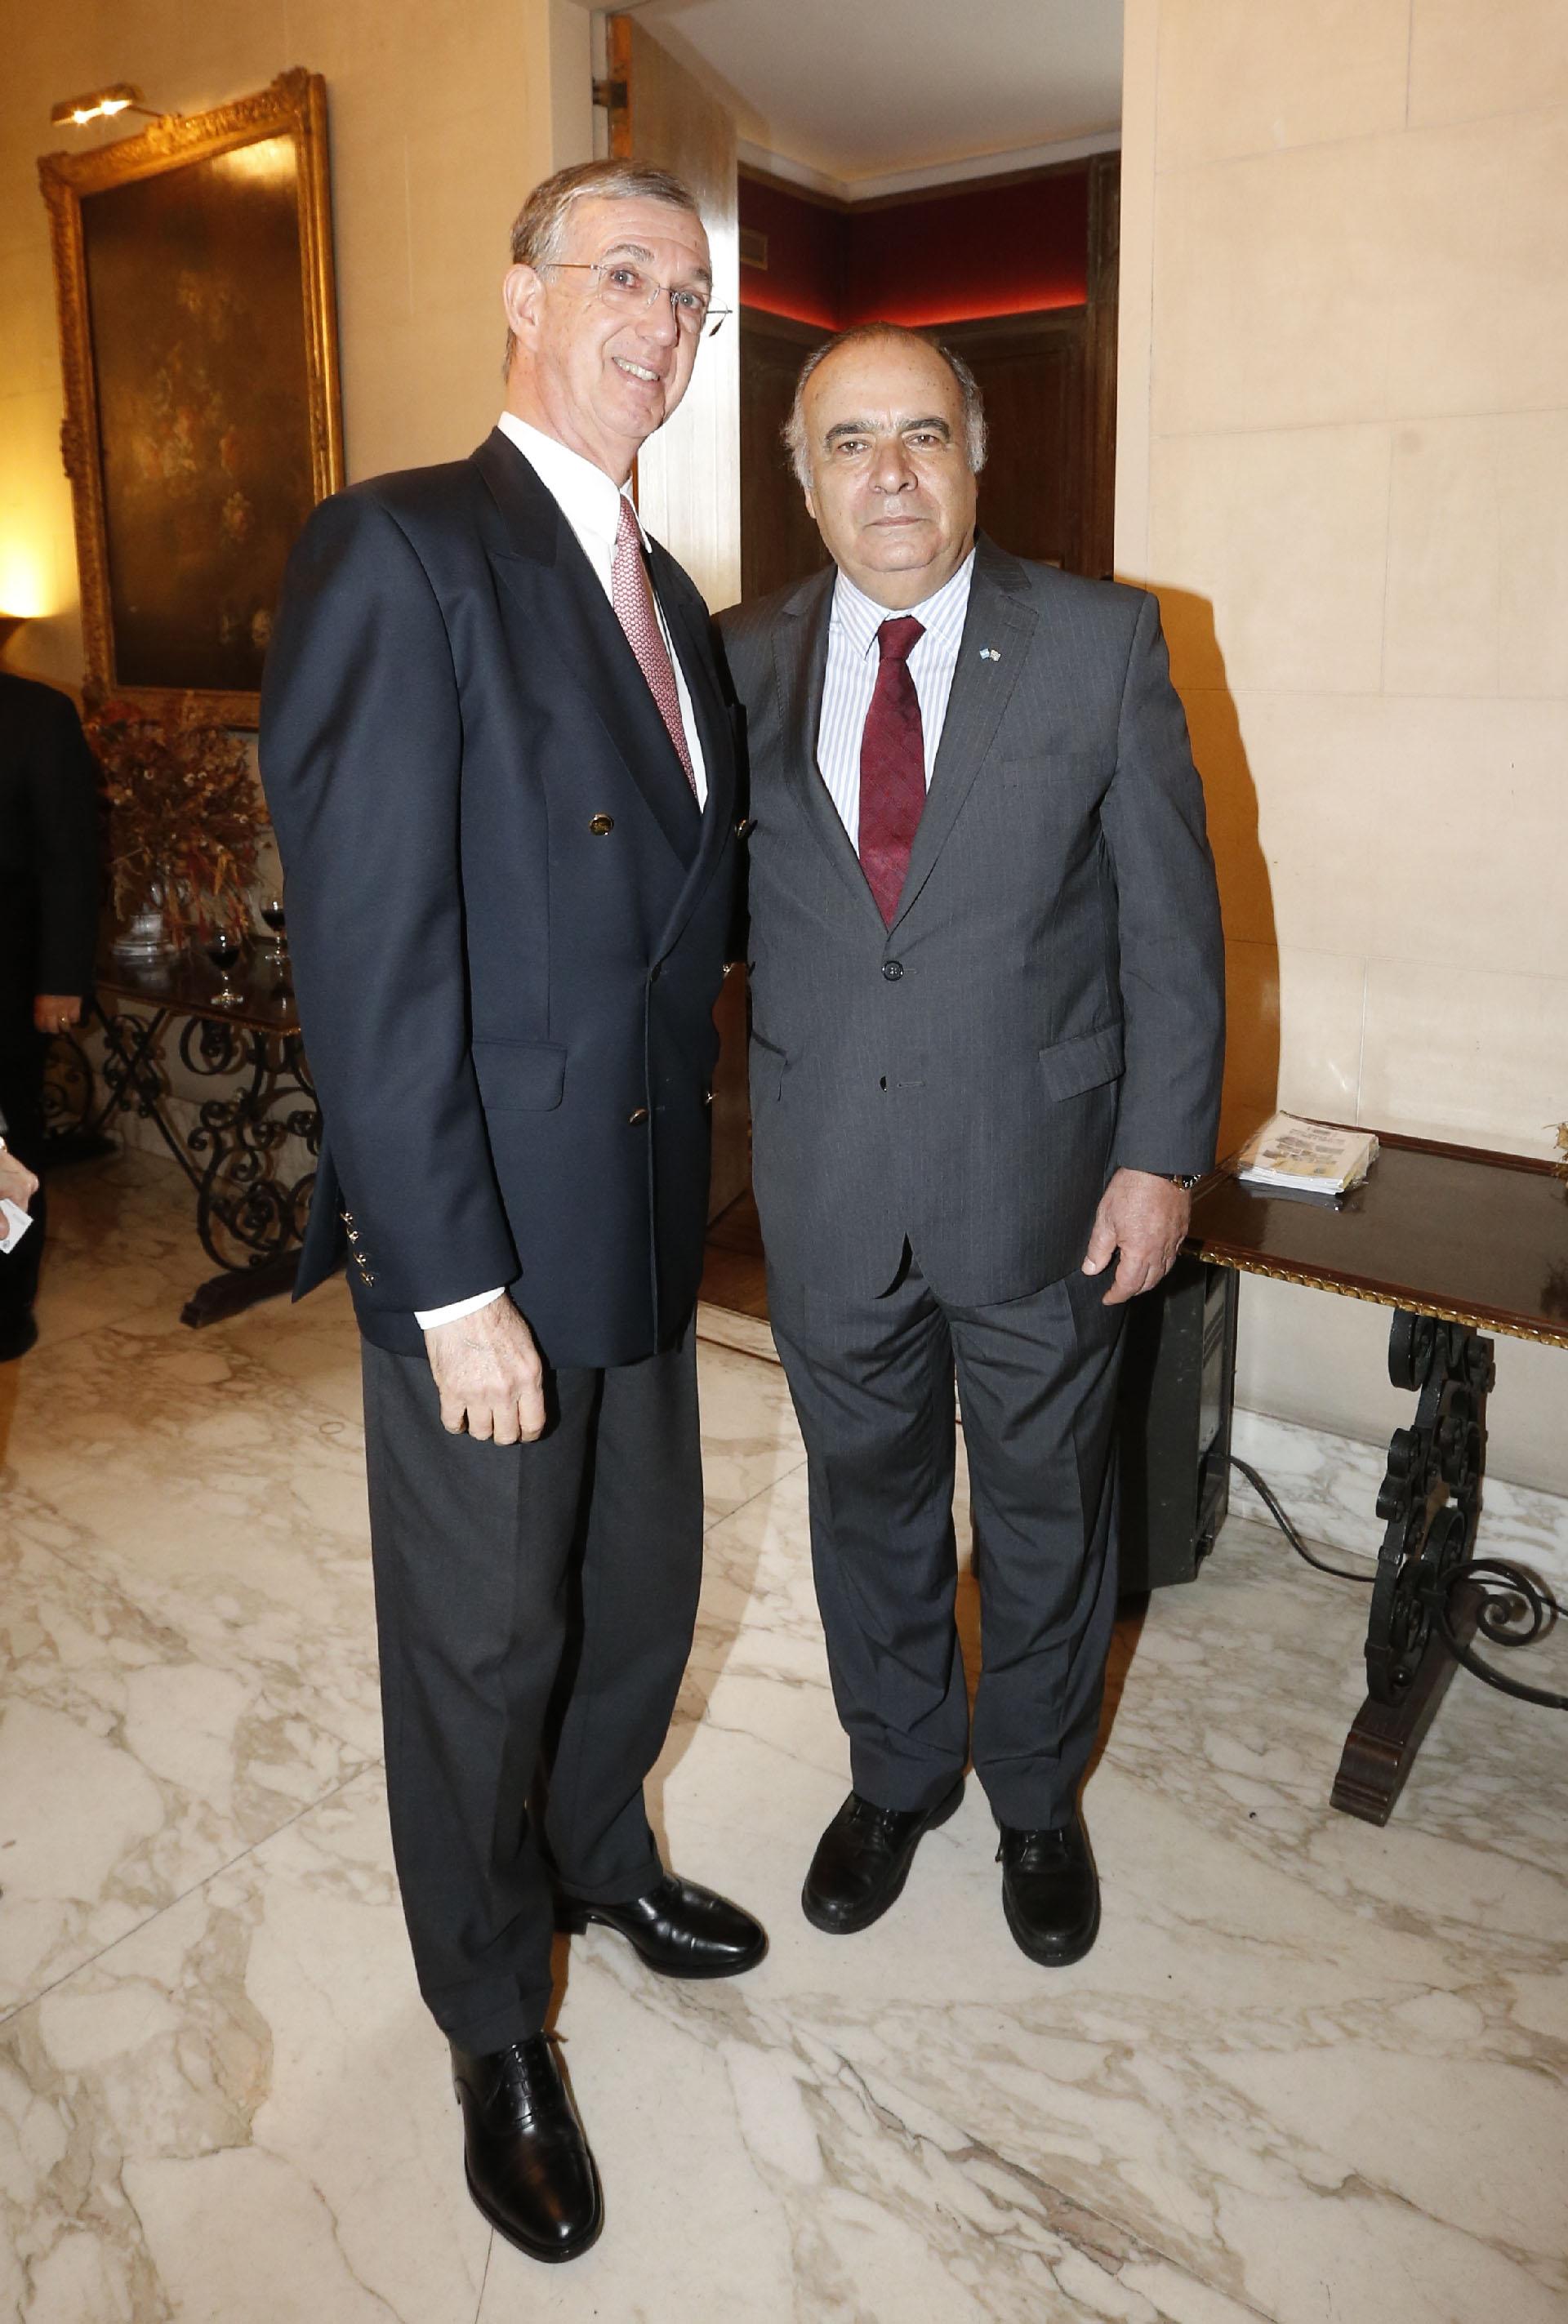 Sérgio França Danese, embajador de Brasil en la Argentina, junto al embajador Héctor Lescano Fraschini